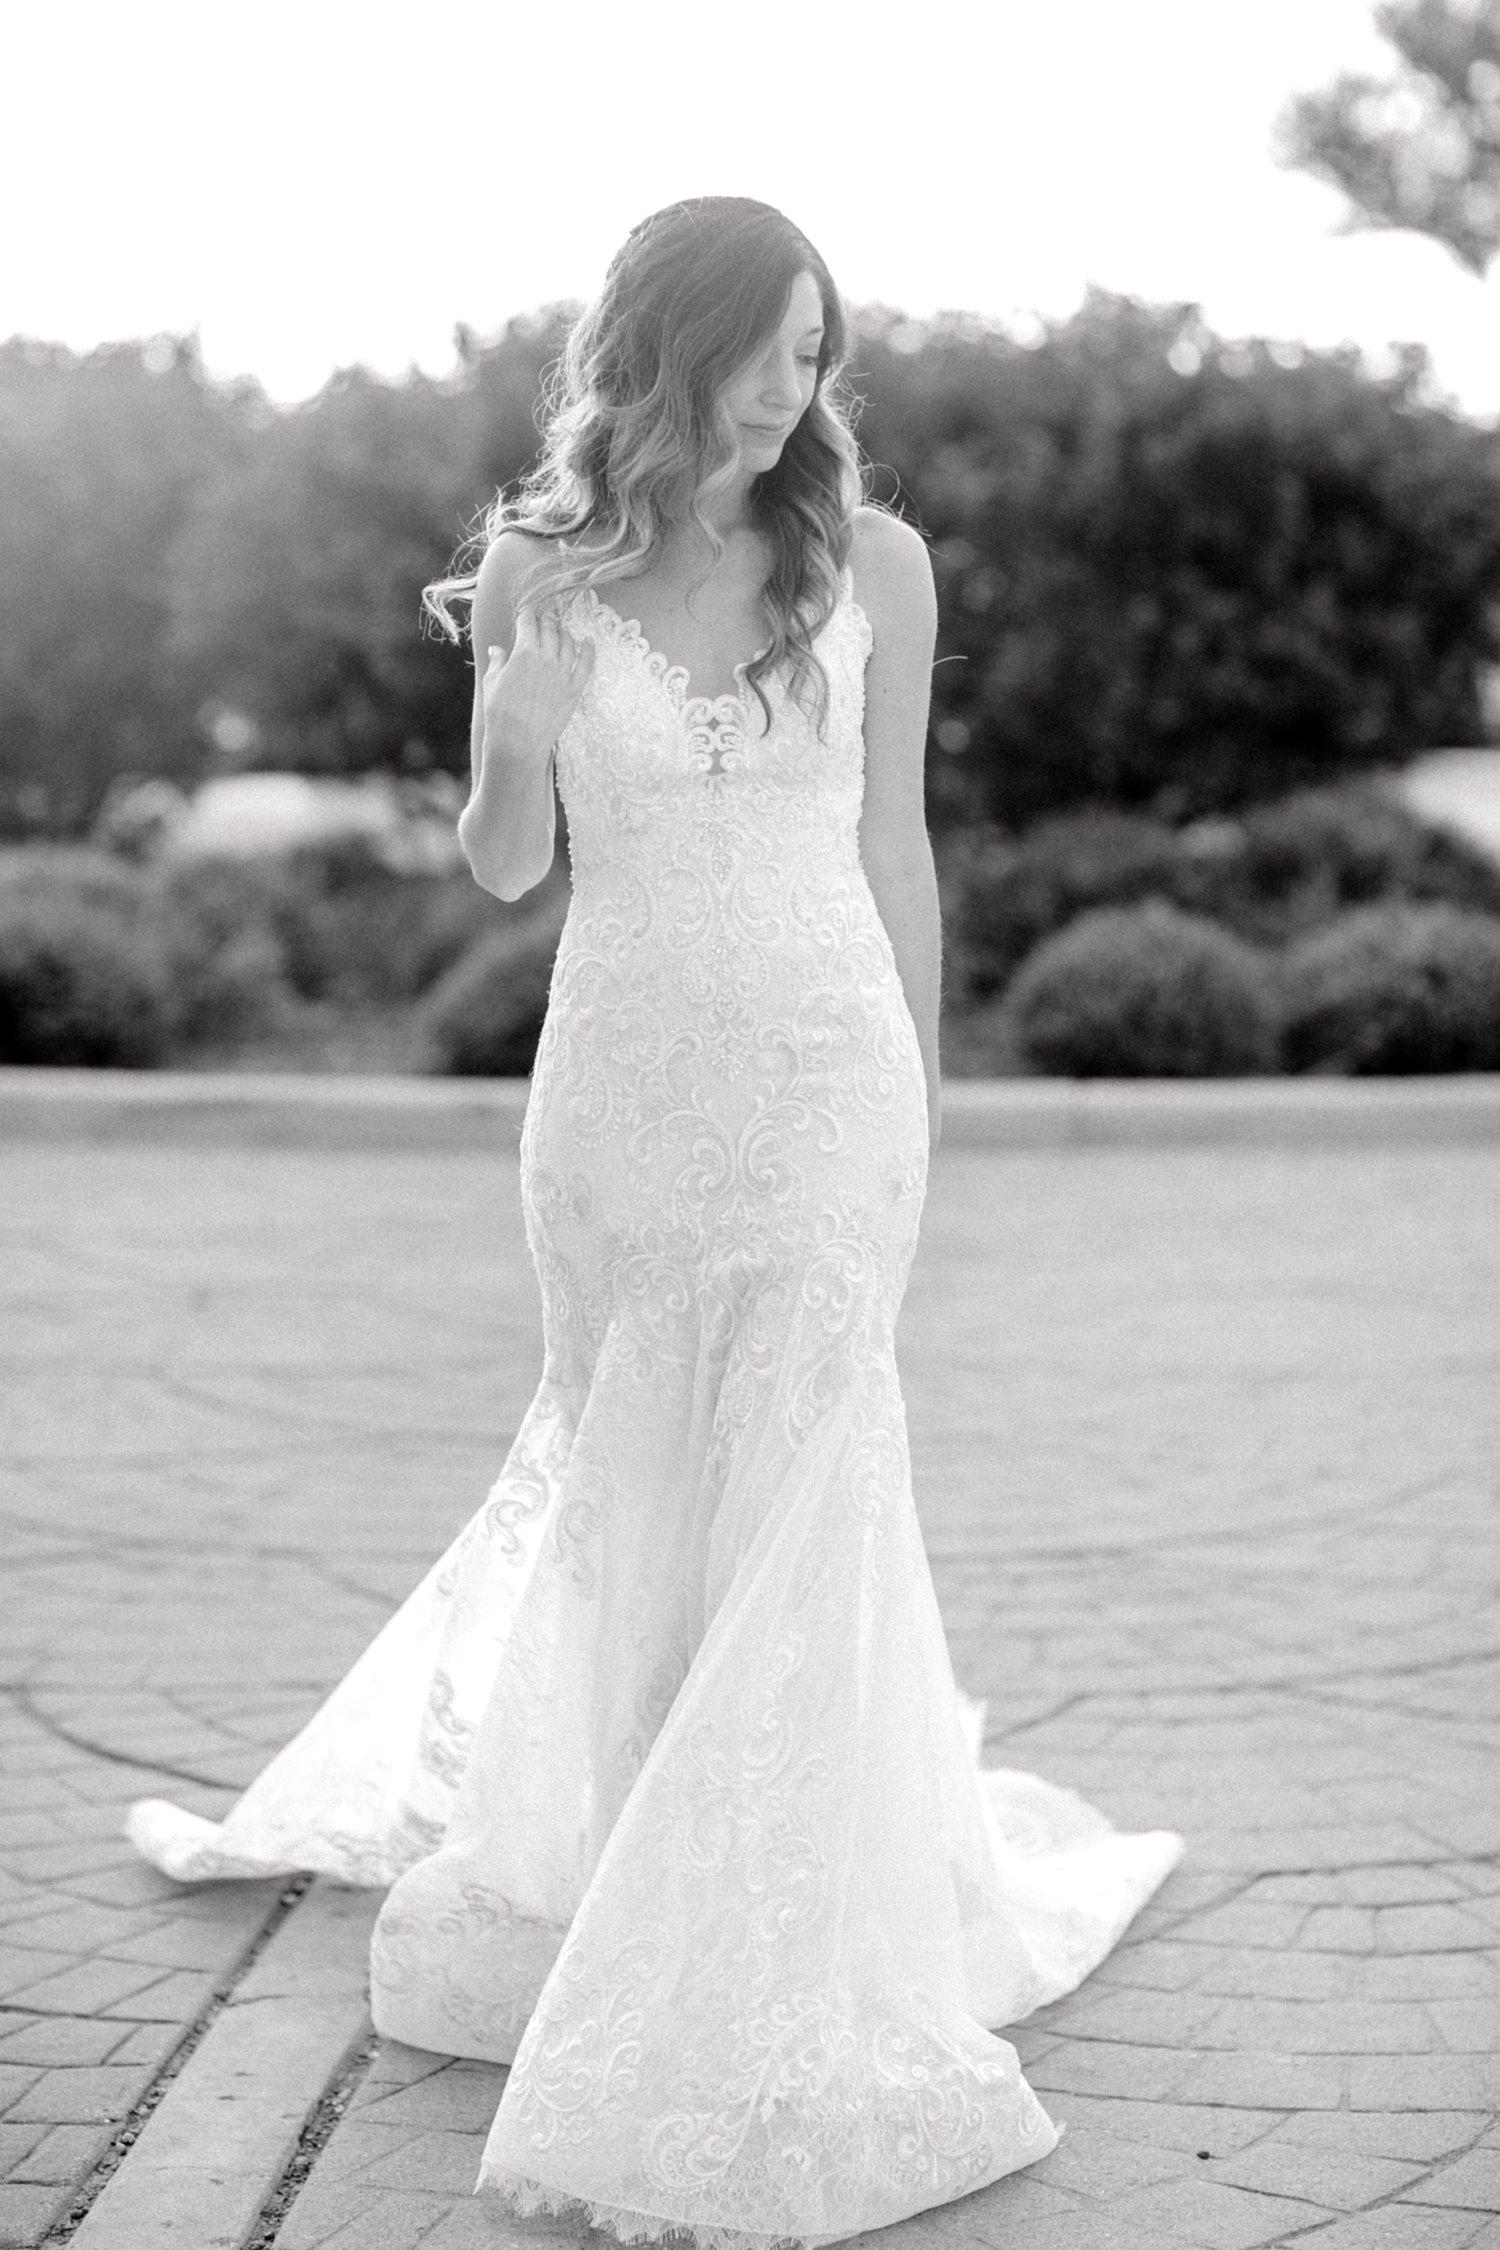 Ashley_Parr_Bridals_ALLEEJ_caprock_winery_romantic_elegant0016.jpg